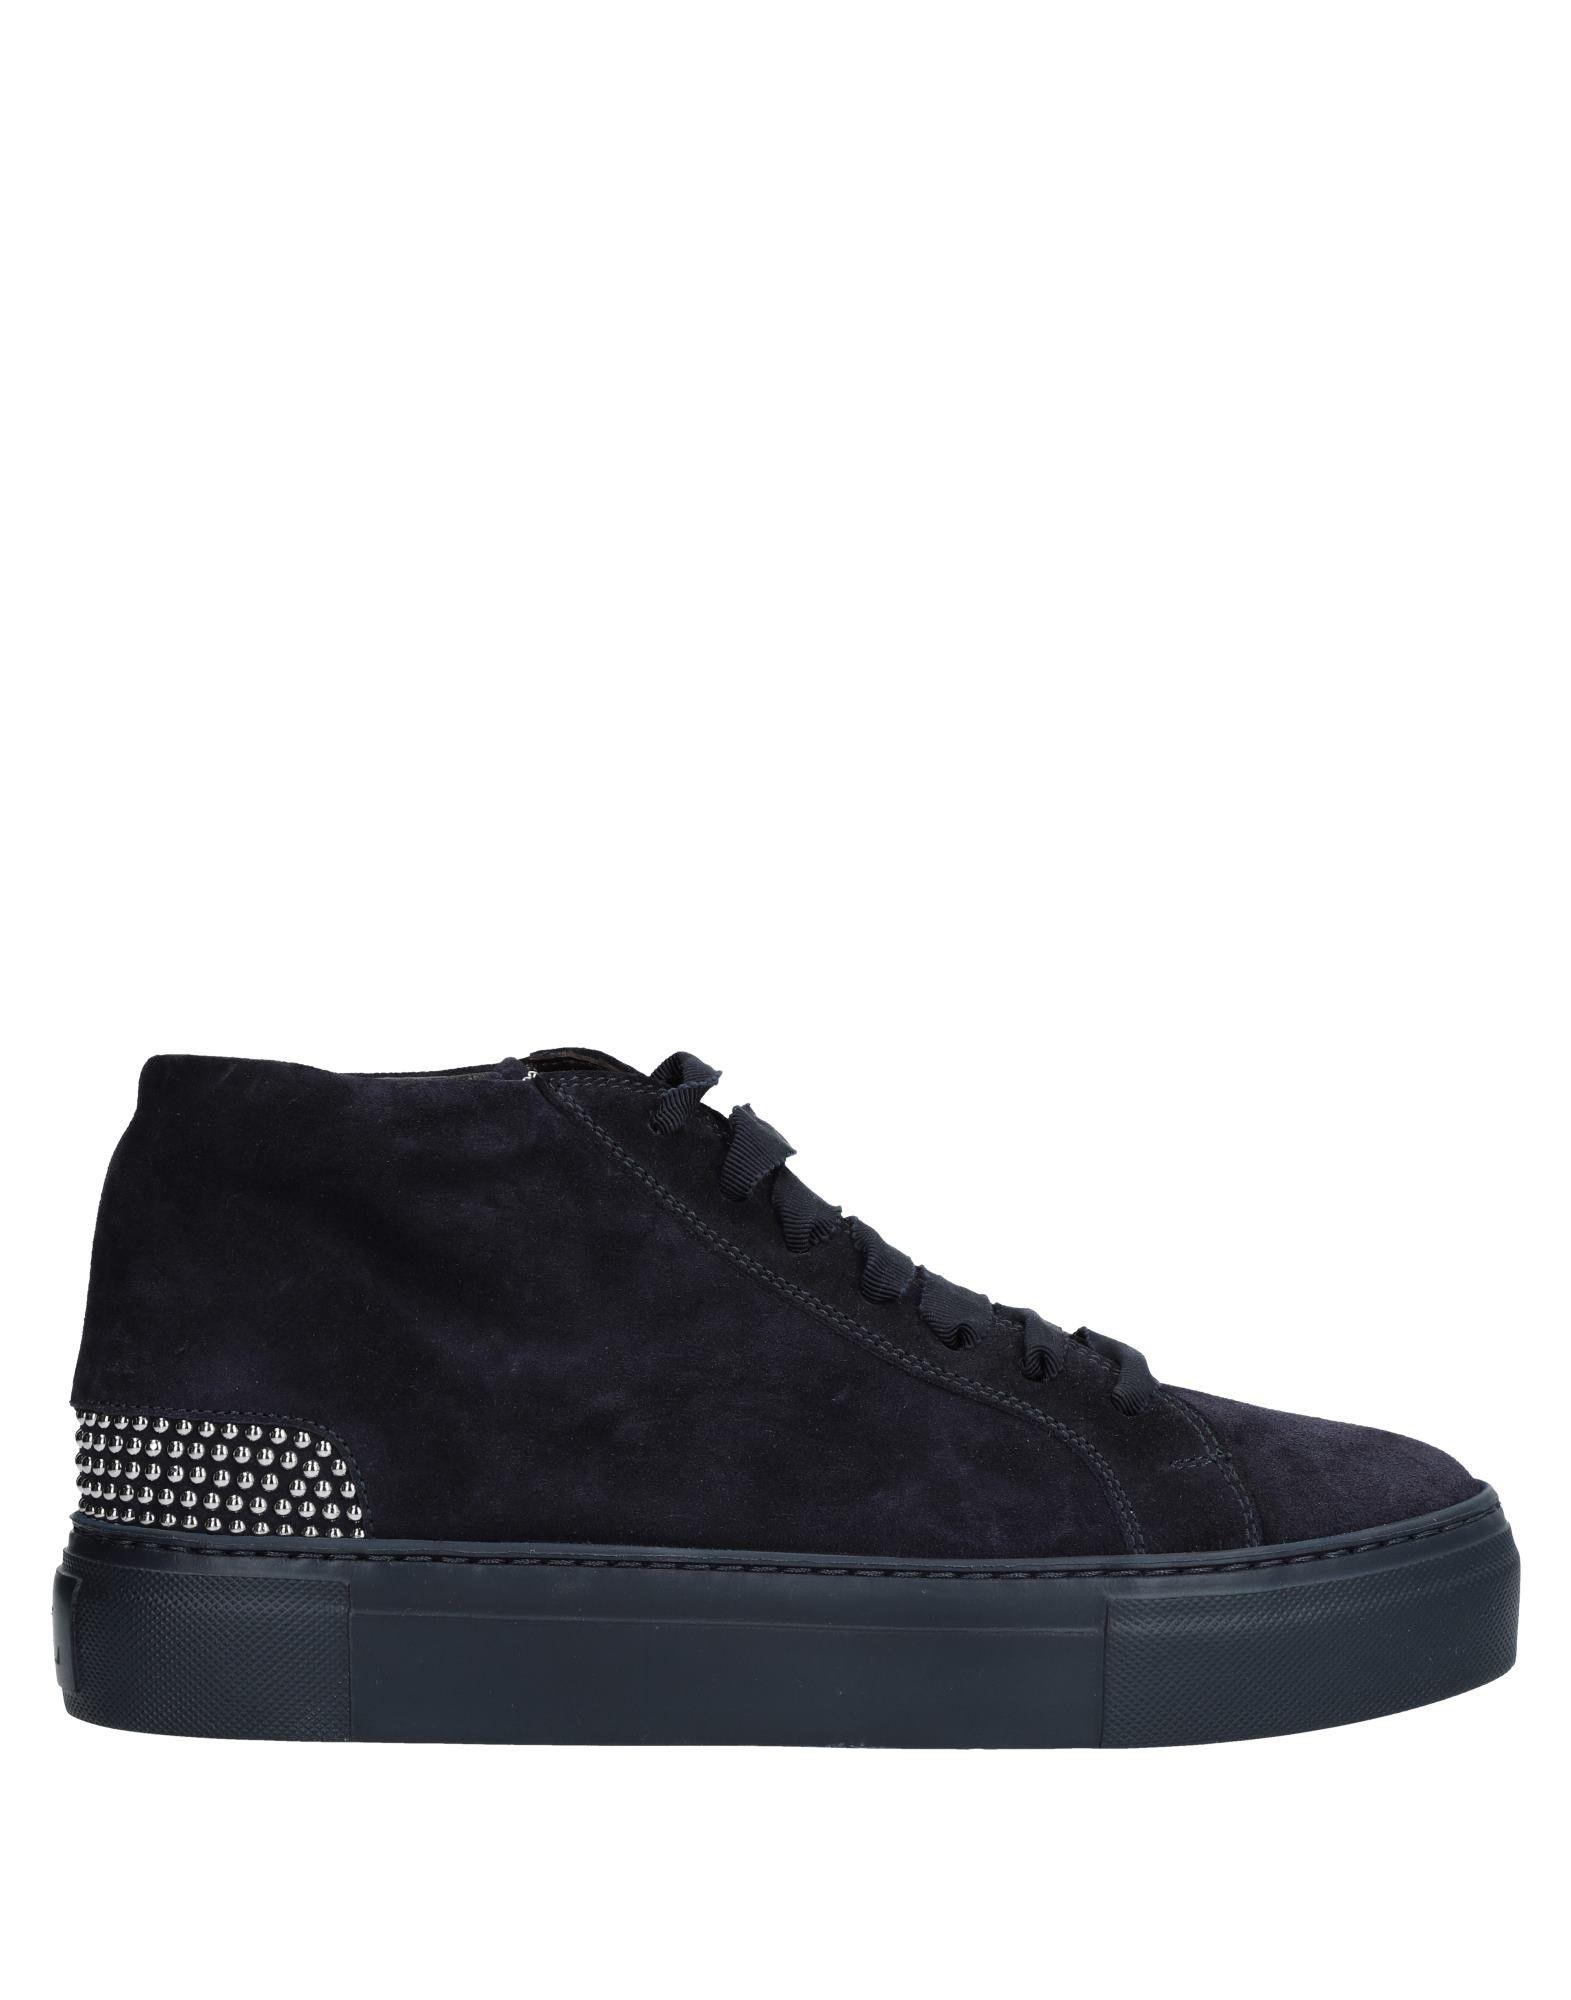 Sneakers O.X.S. Uomo - 11457733BA Scarpe economiche e buone